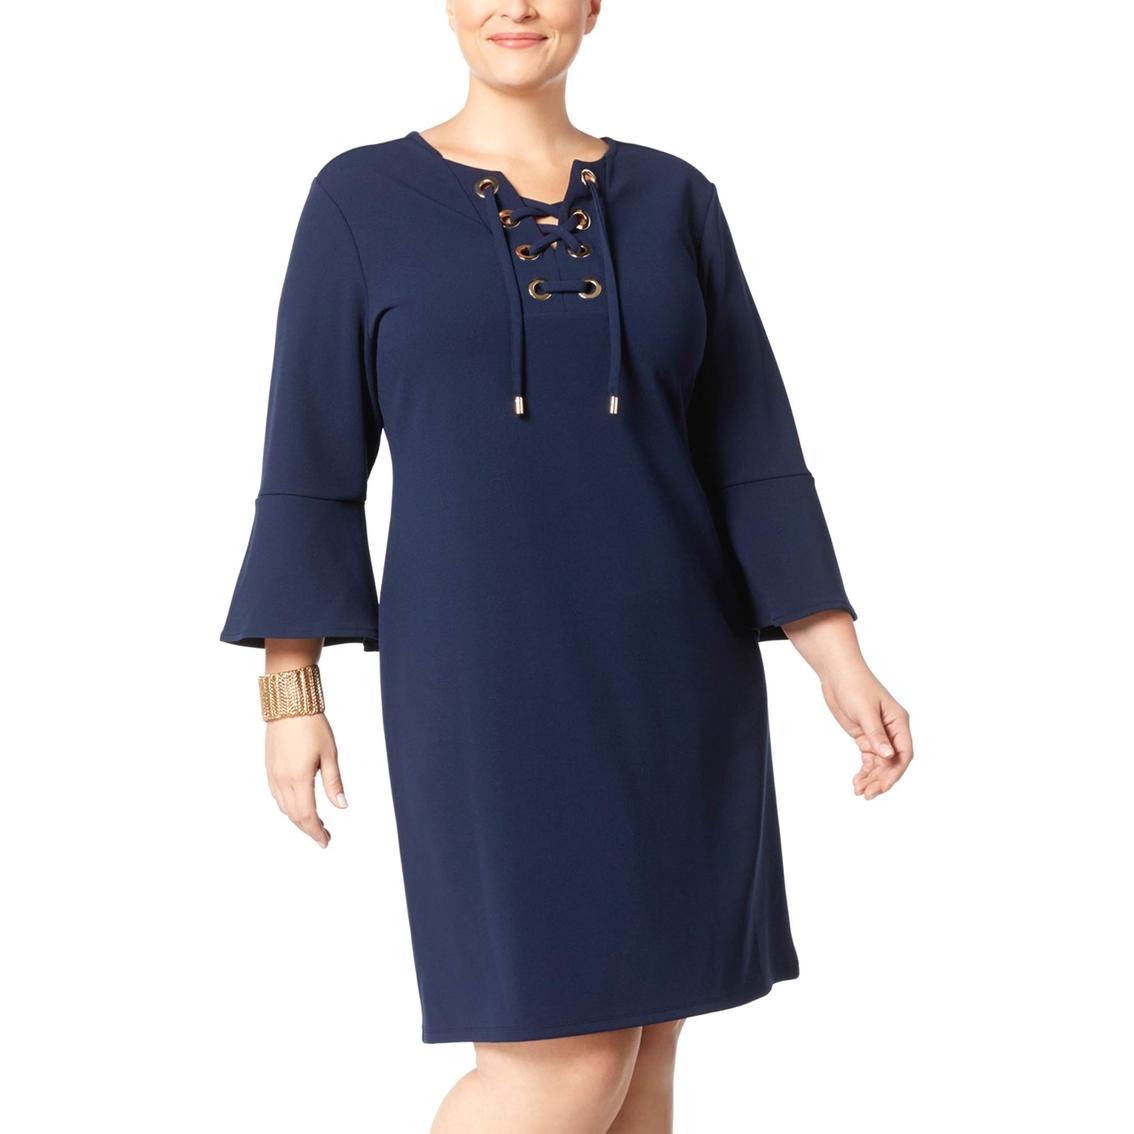 decce08f712d4 Charter Club Plus Size Lace Up Knit Dress | Dresses | Apparel | Shop ...